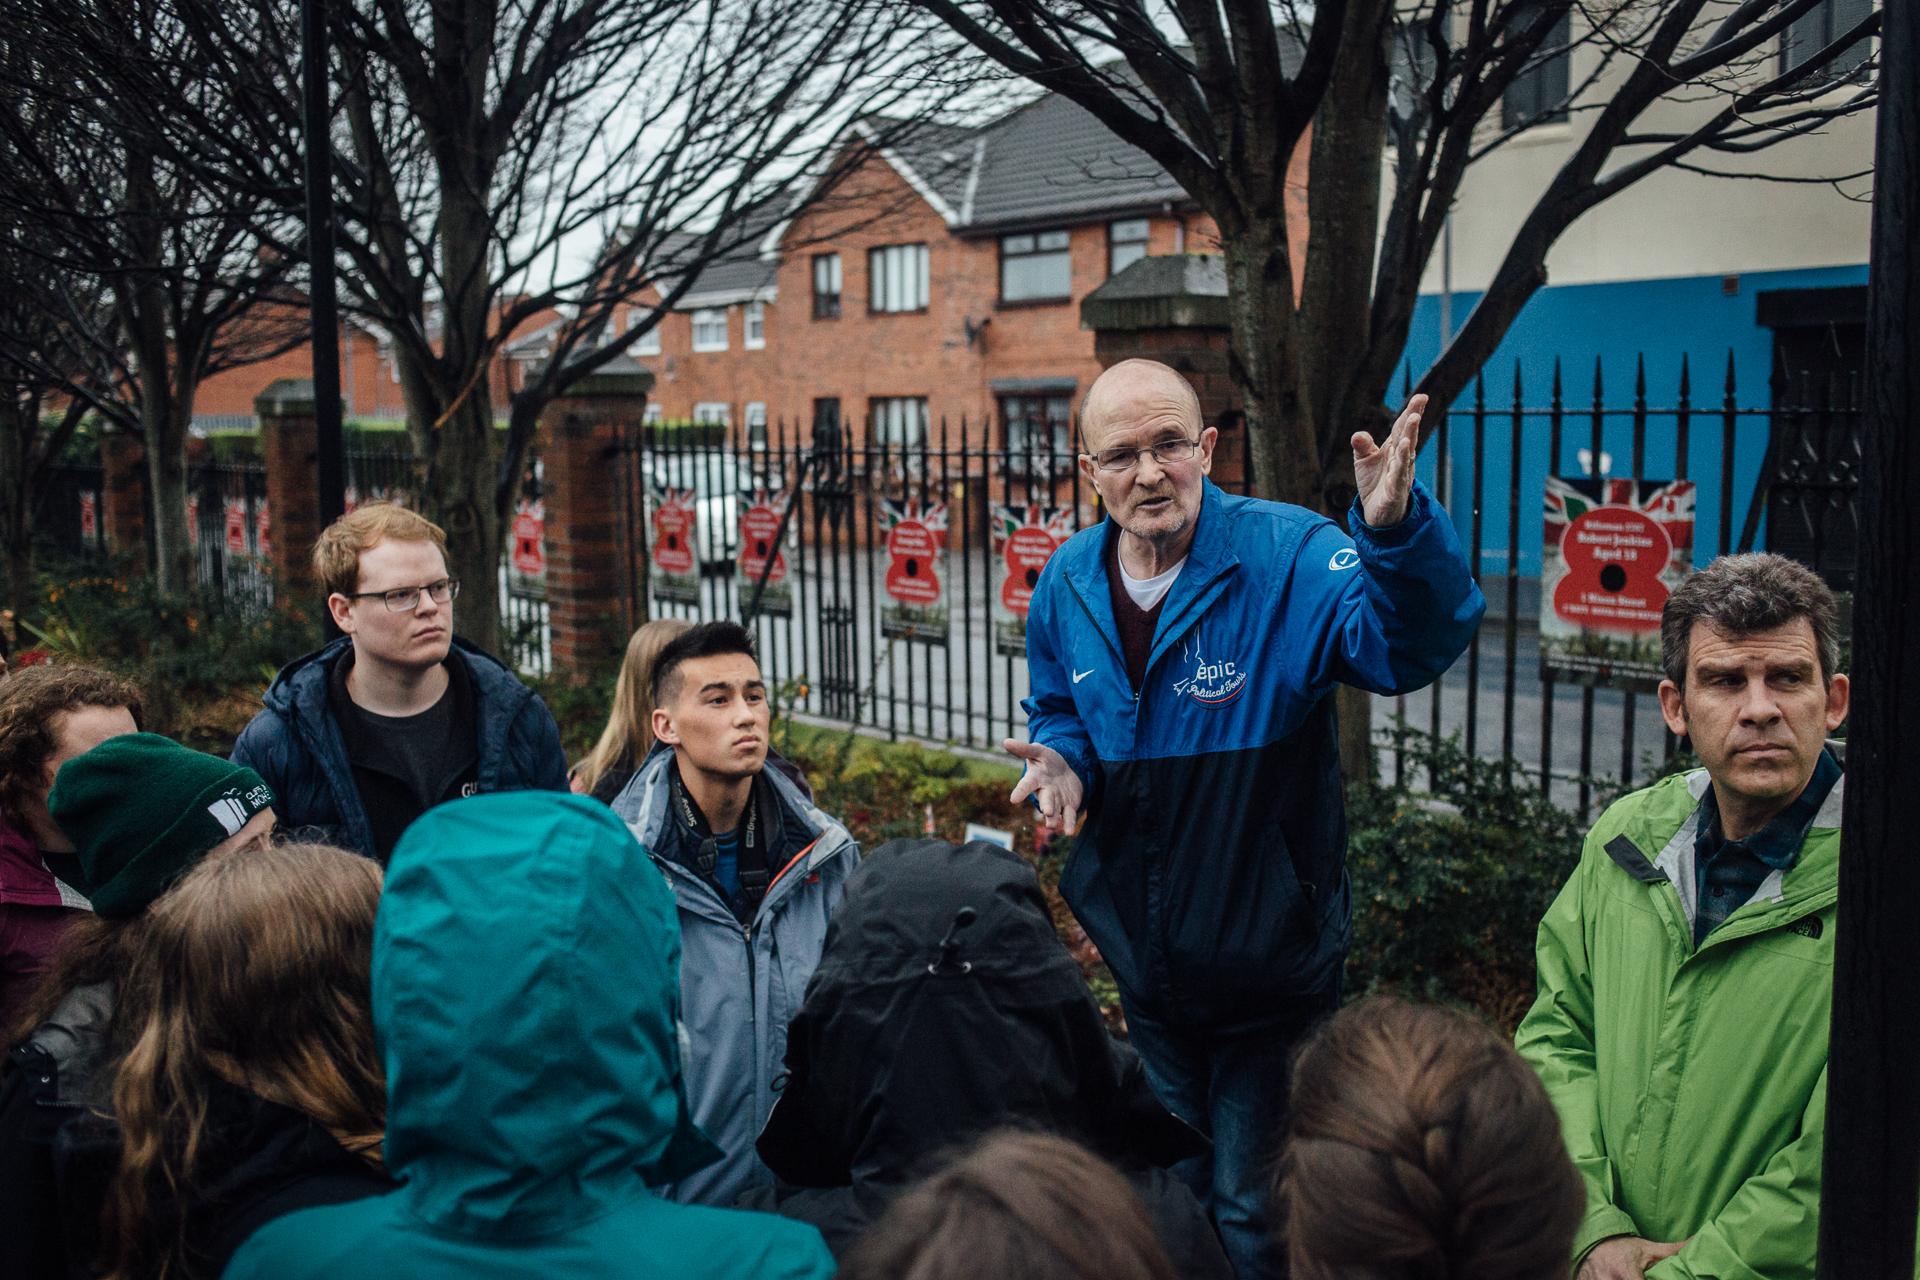 Belfast, le 24 février 2017. Noel Large, ancien tueur de milices paramilitaires protestantes, est devenu guide touristique spécialisé dans l'histoire des troubels. Il fait visiter les lieux d'attentats à des élèves américains.